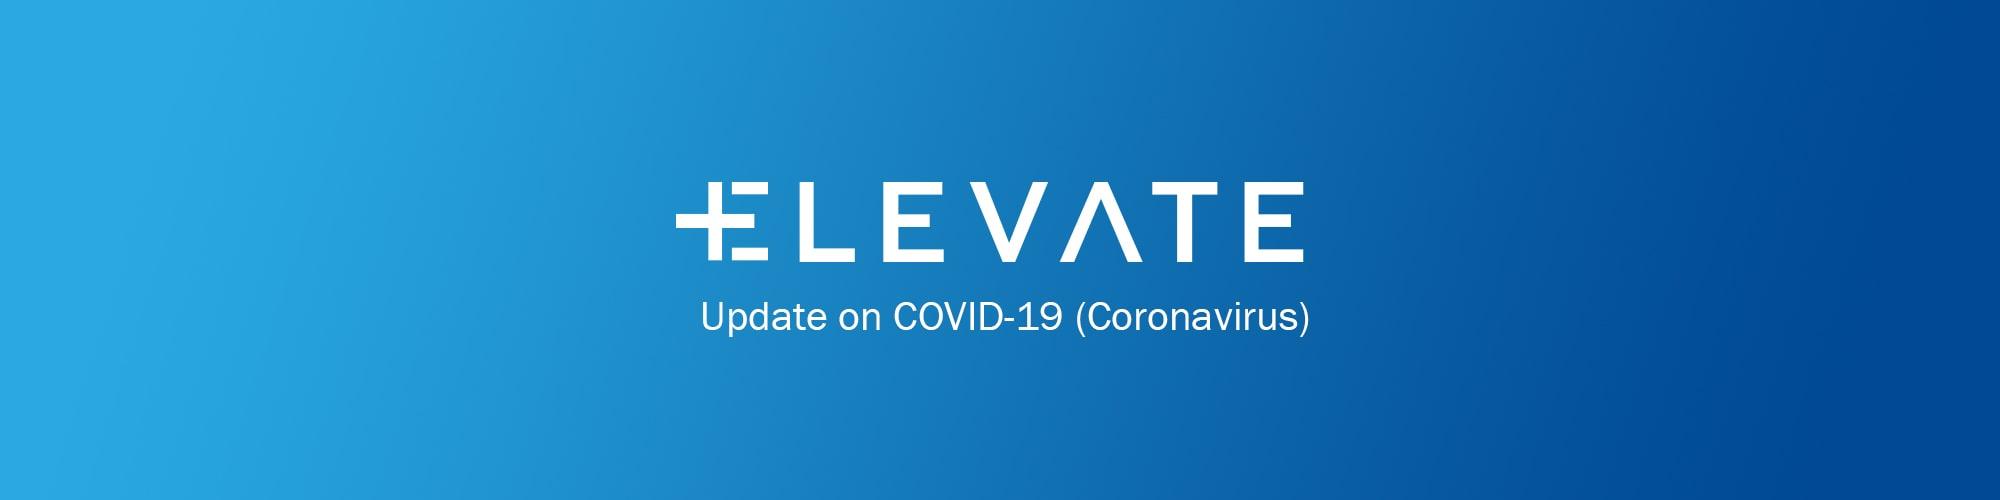 ELEVATE update on COVID-19 (Coronavirus) - ELEVATE